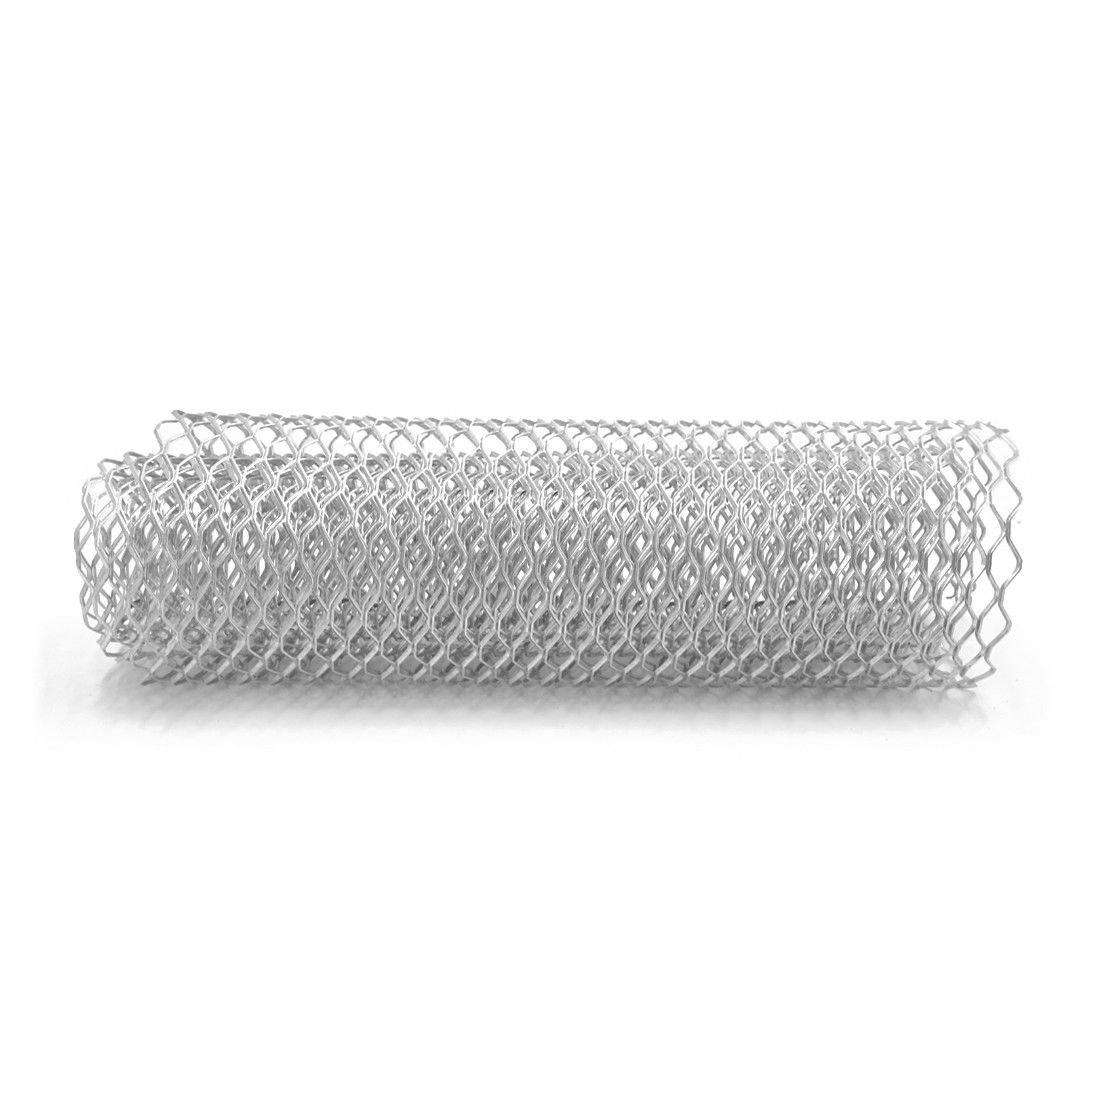 Etbotu Car Silver/Black Aluminum Alloy Front Bumper Hexagon Grill Mesh Sheet (11x25mm)